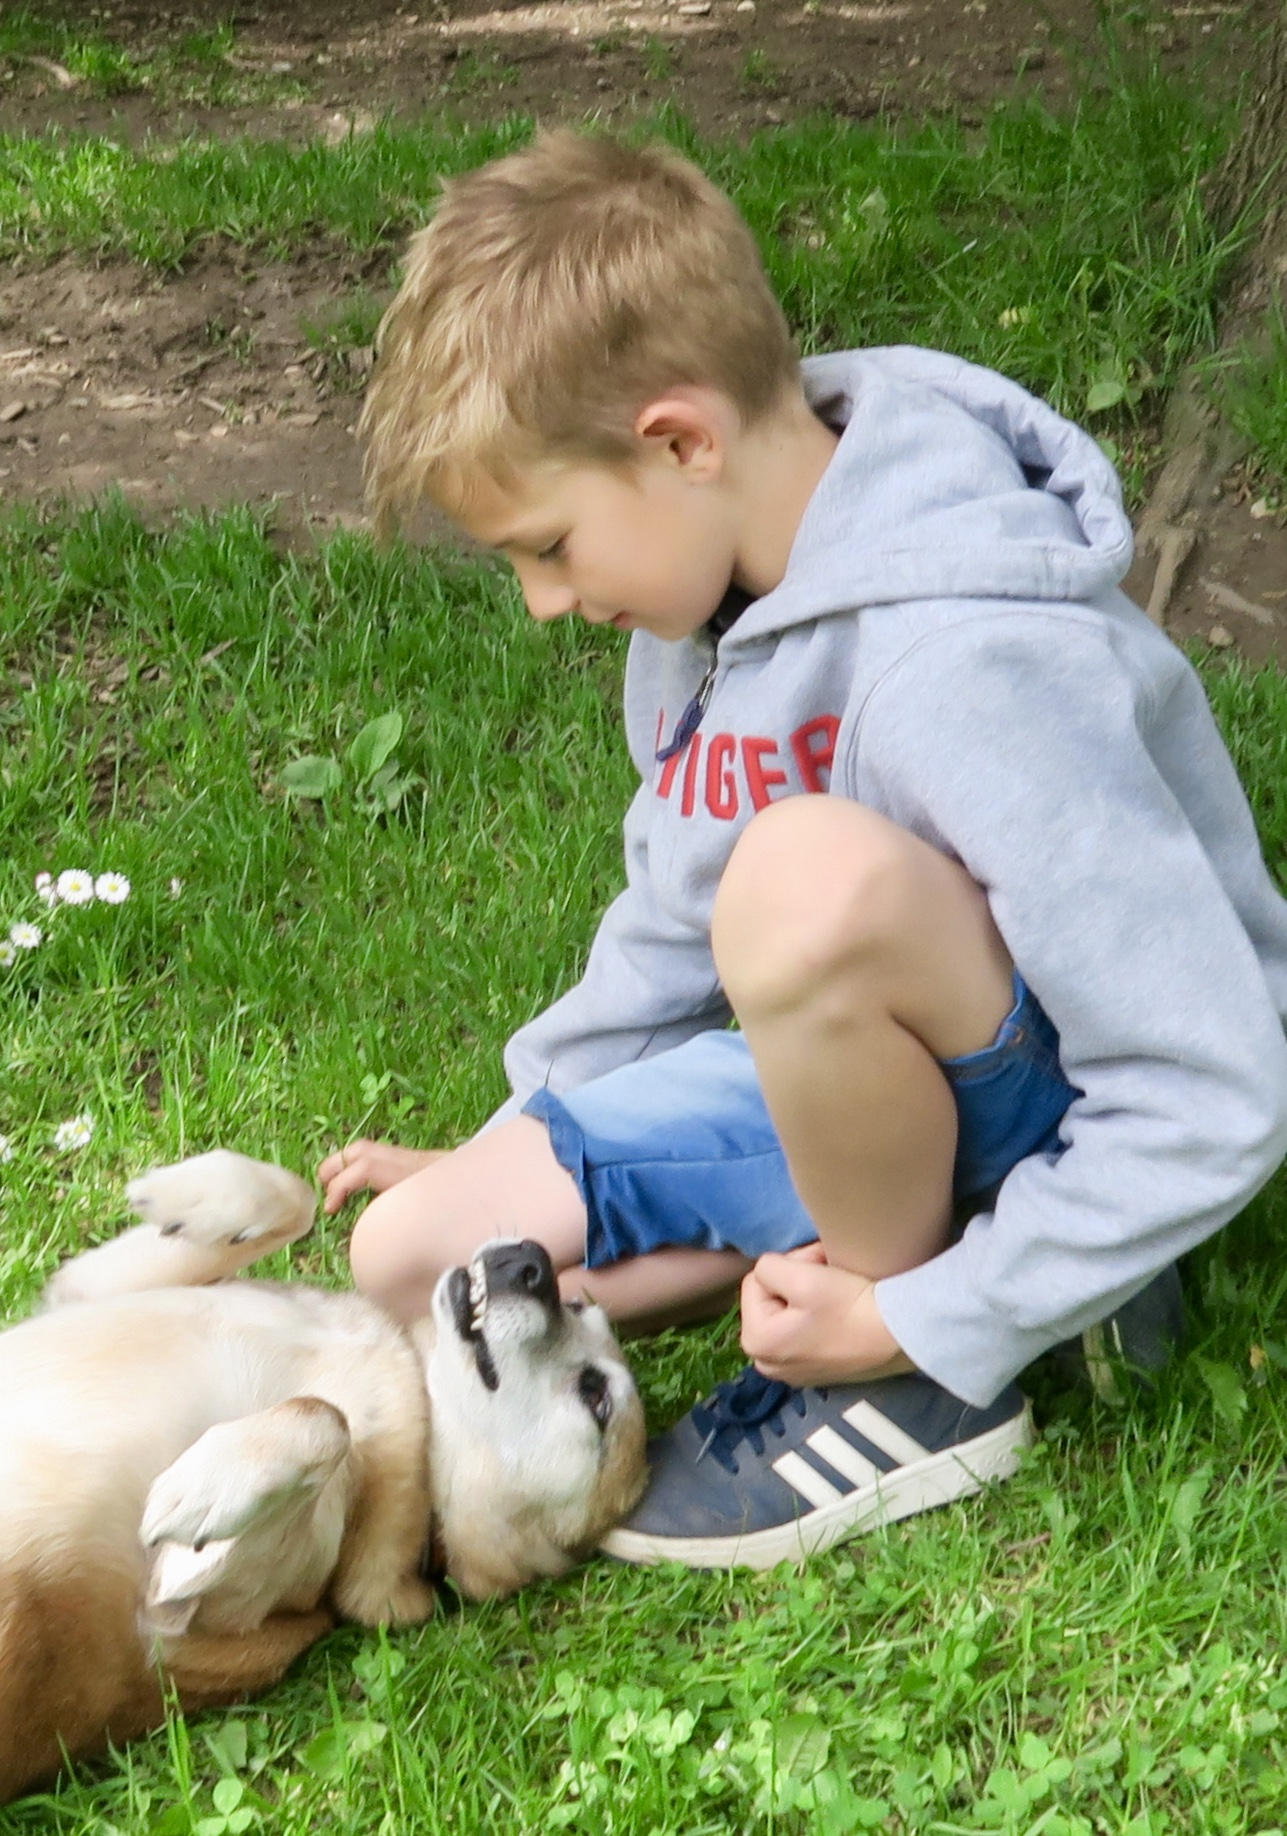 Tierheim-Besuch mit den Kindern vom Hunde-Einmaleins